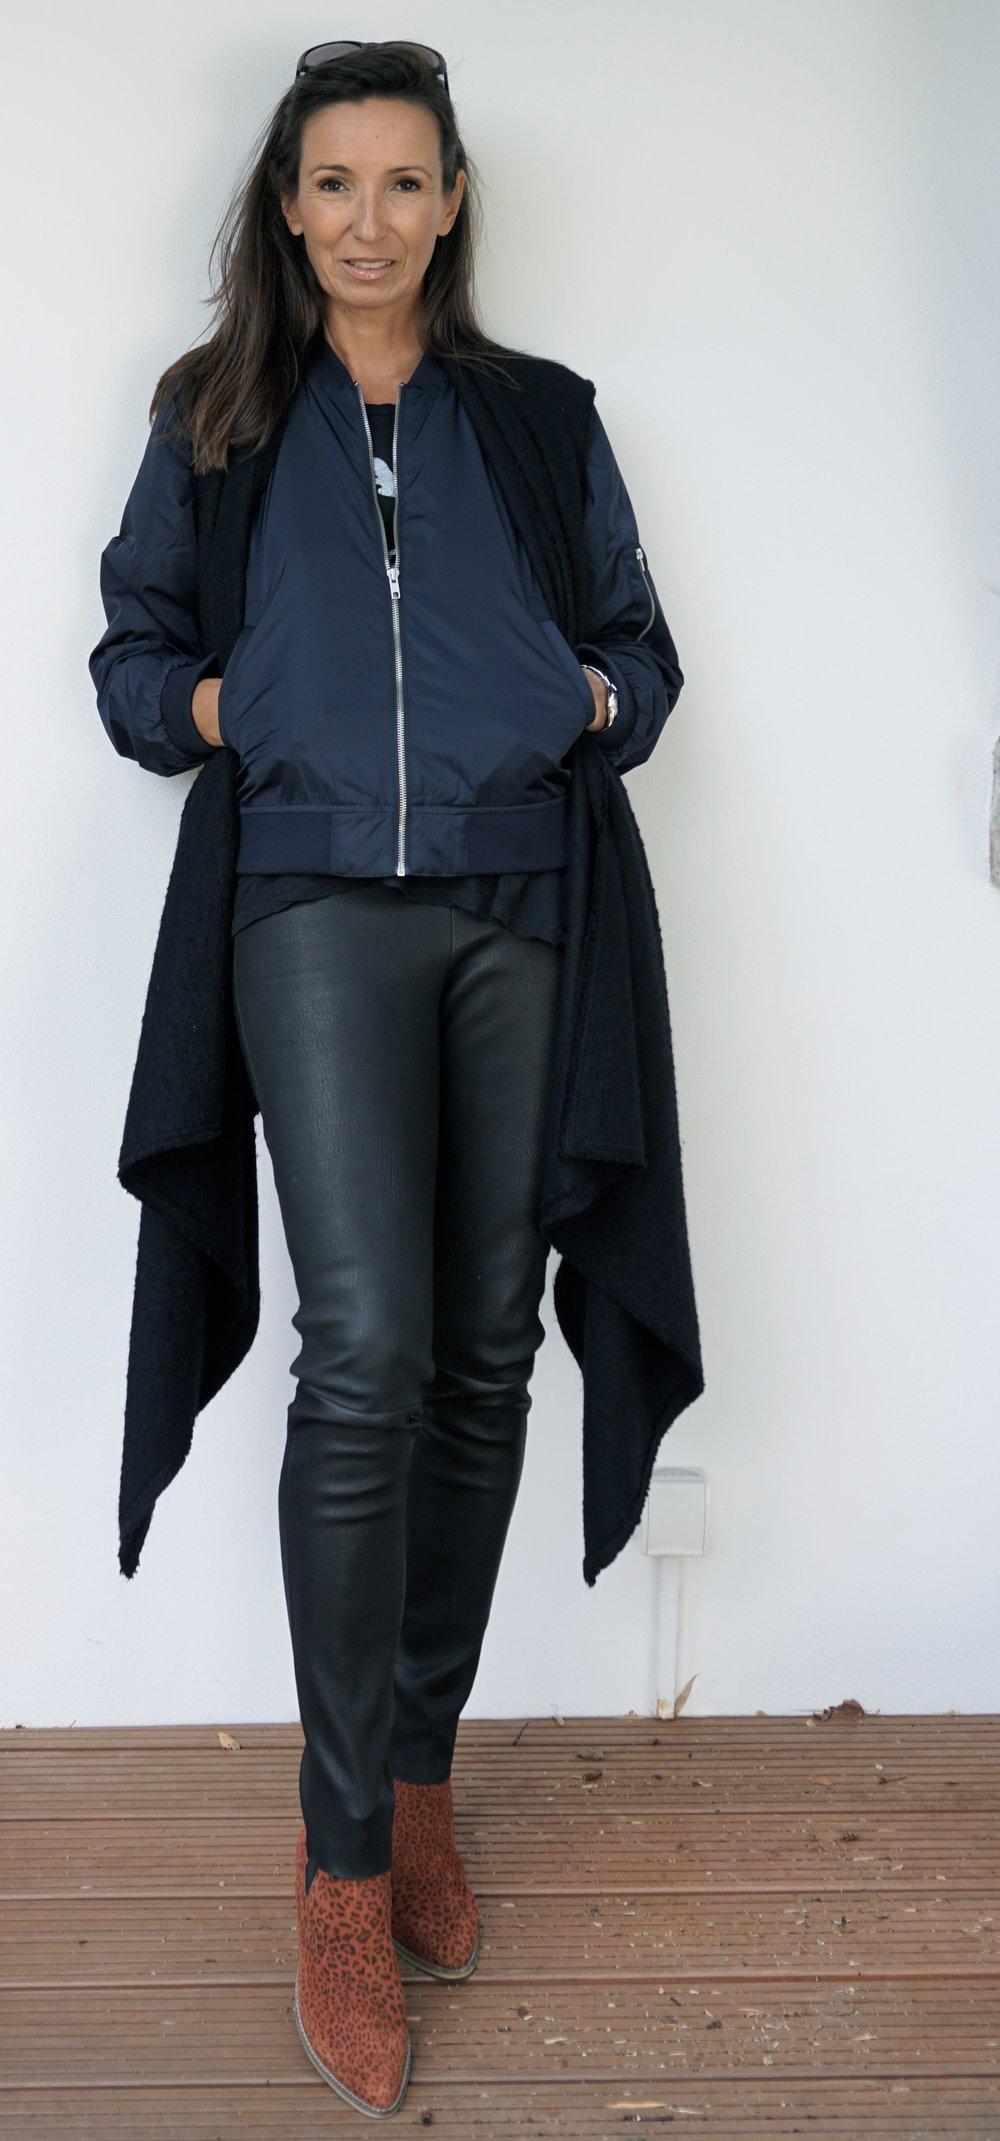 Lederhose_Styling BeFifty Blog für Frauen über 40